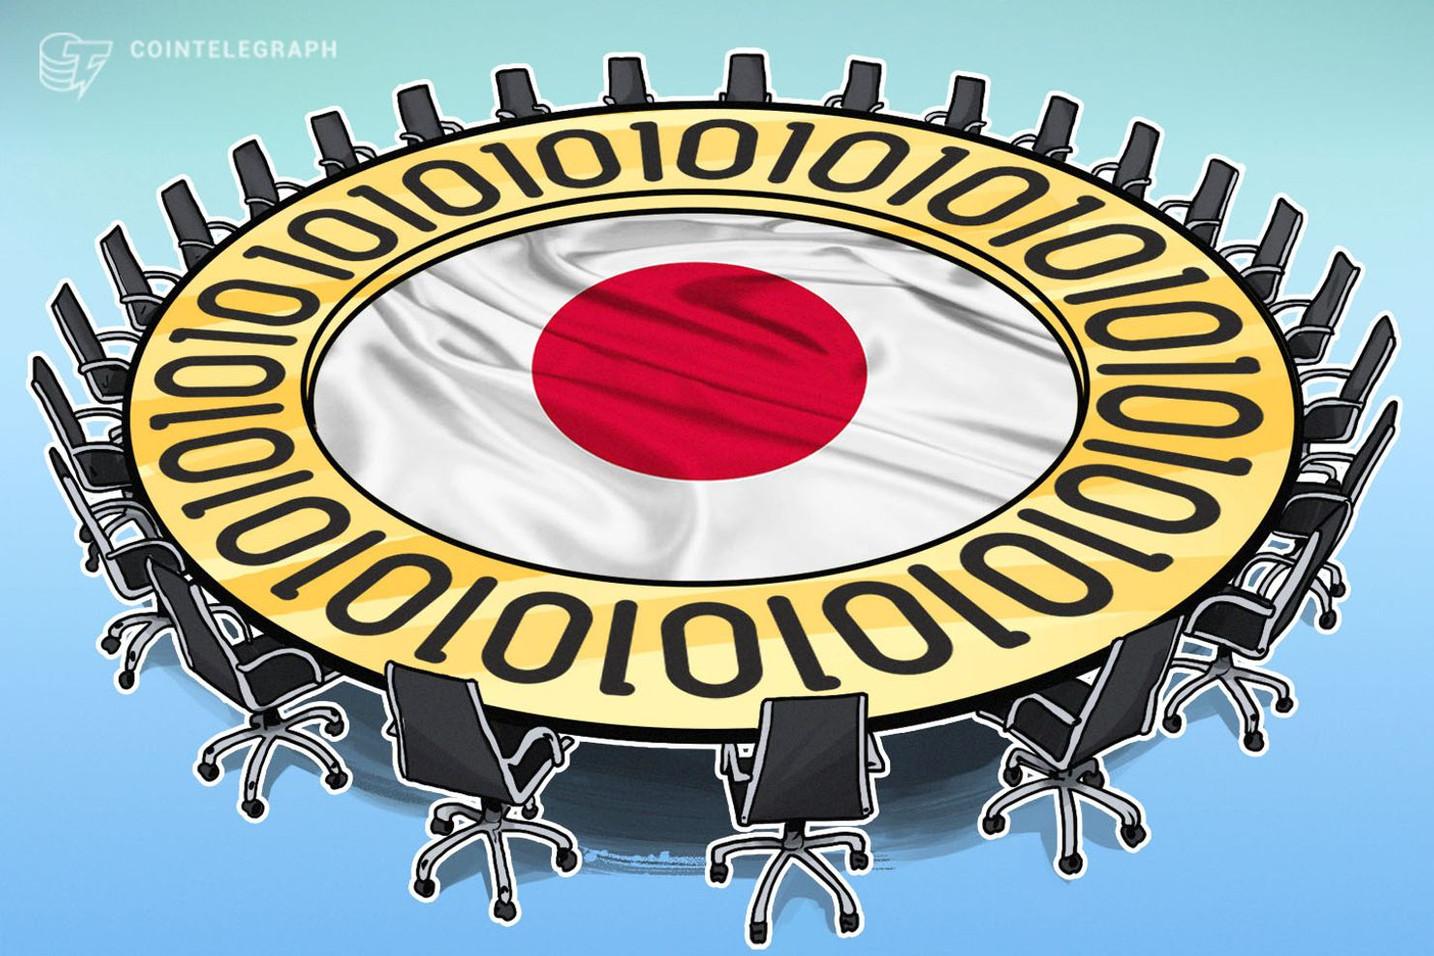 金融庁 仮想通貨研究会:業界団体の自主規制の詳細が判明、レバレッジ上限4倍や匿名通貨禁止